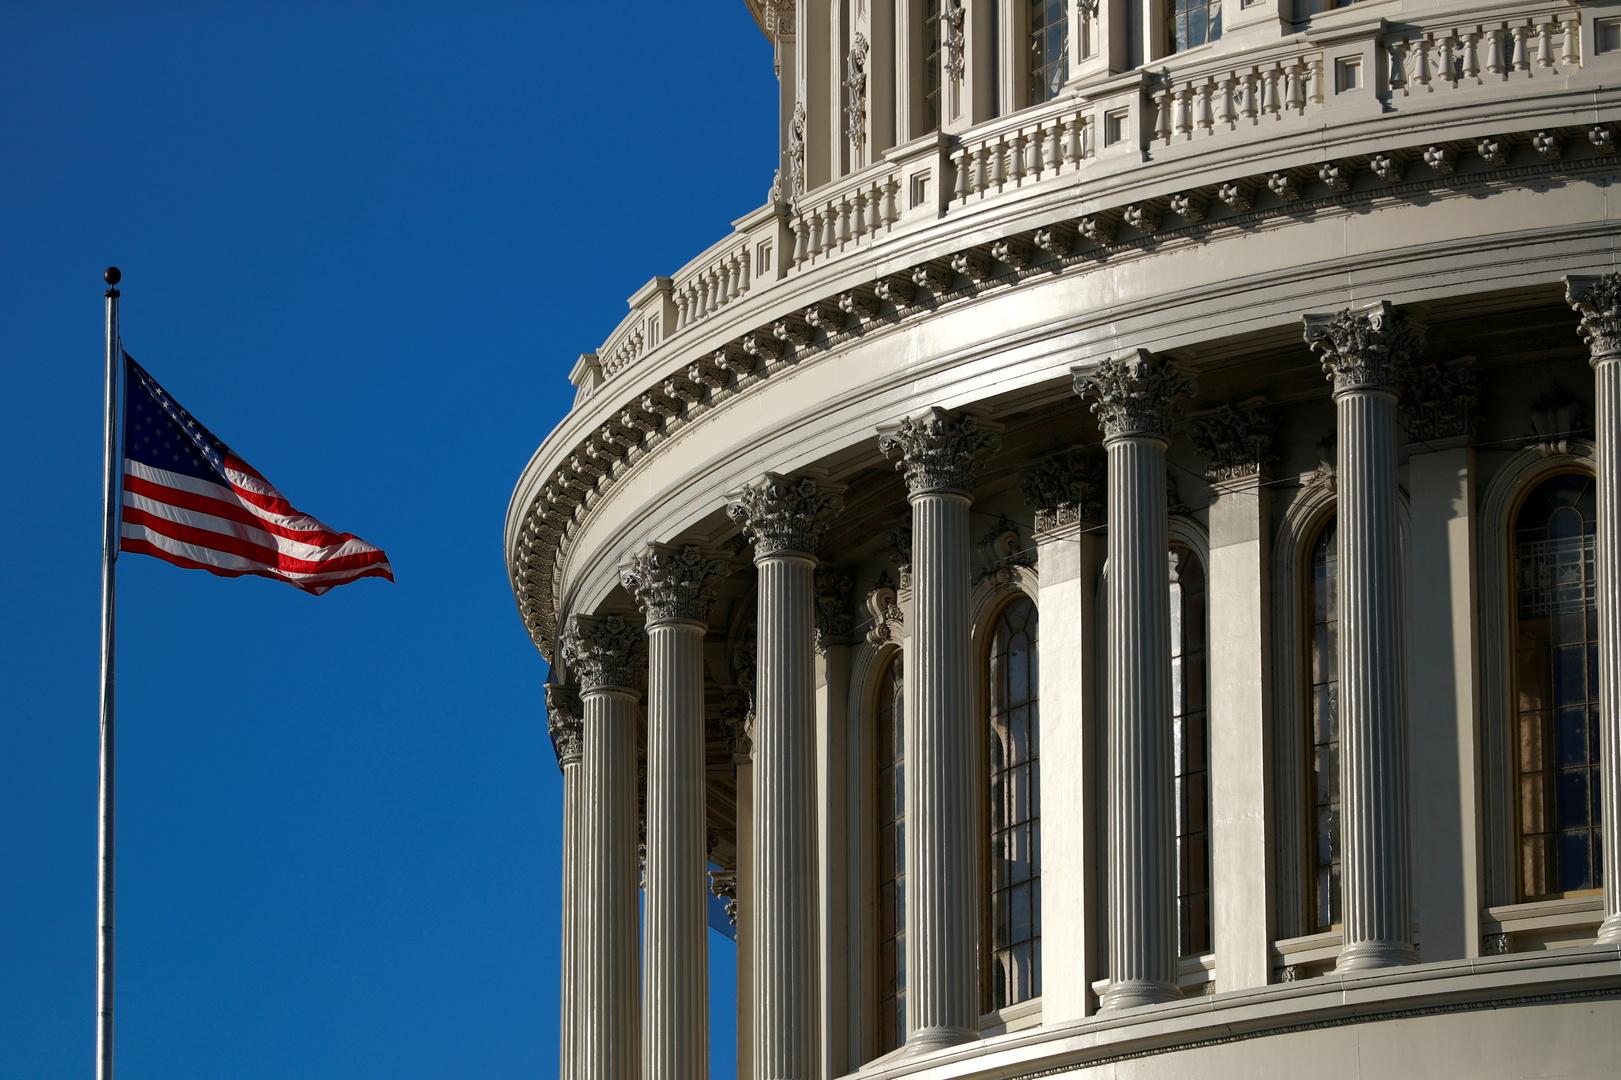 مجلس النواب الأمريكي يعتمد ميزانية دفاع تتضمن عقوبات جديدة ضد روسيا